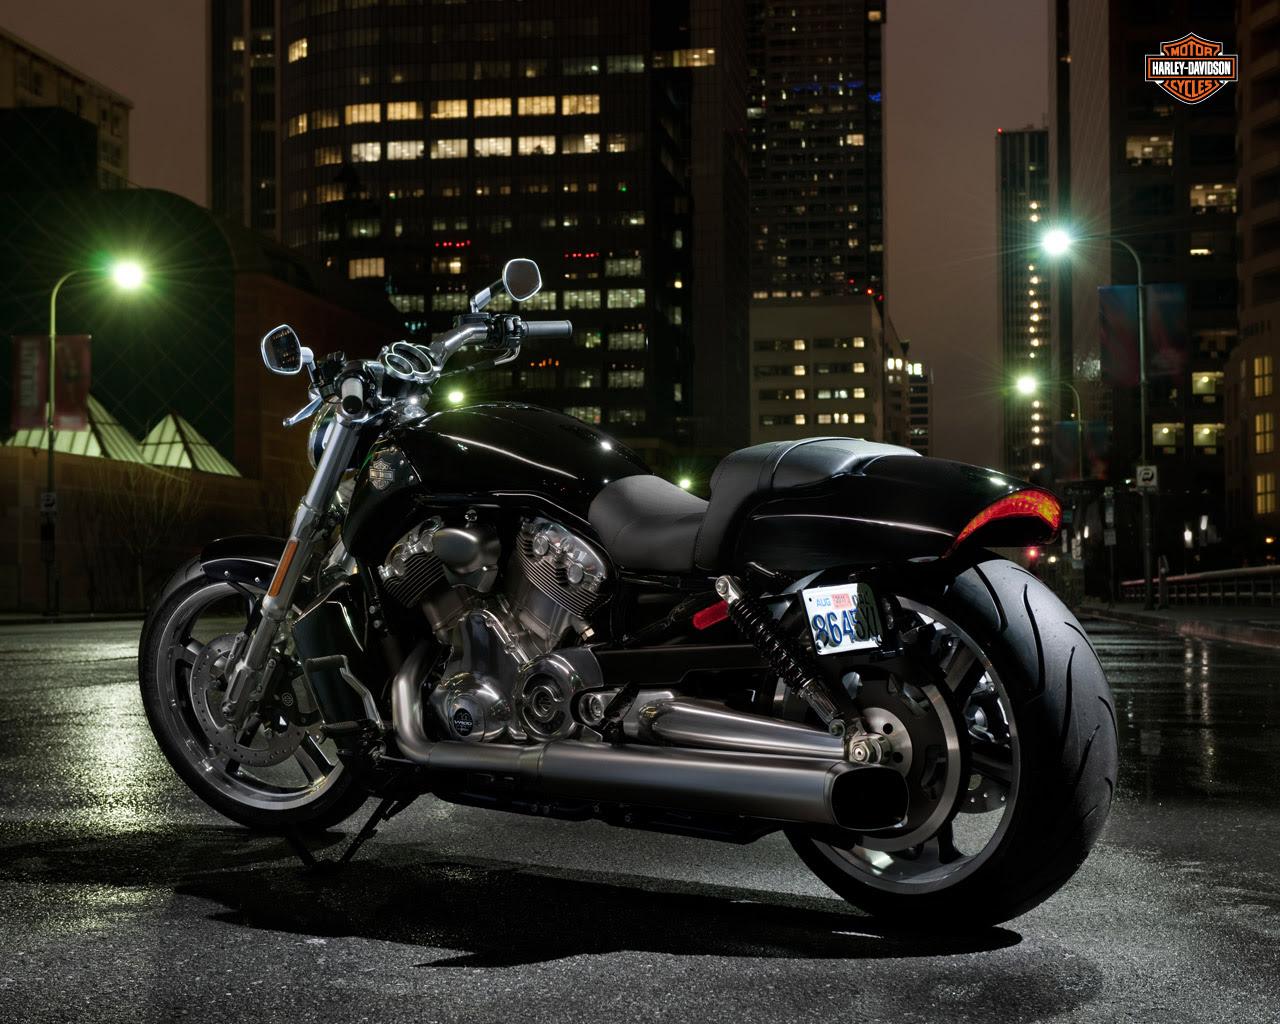 Harley Davidson V Rod Muscle Image 8